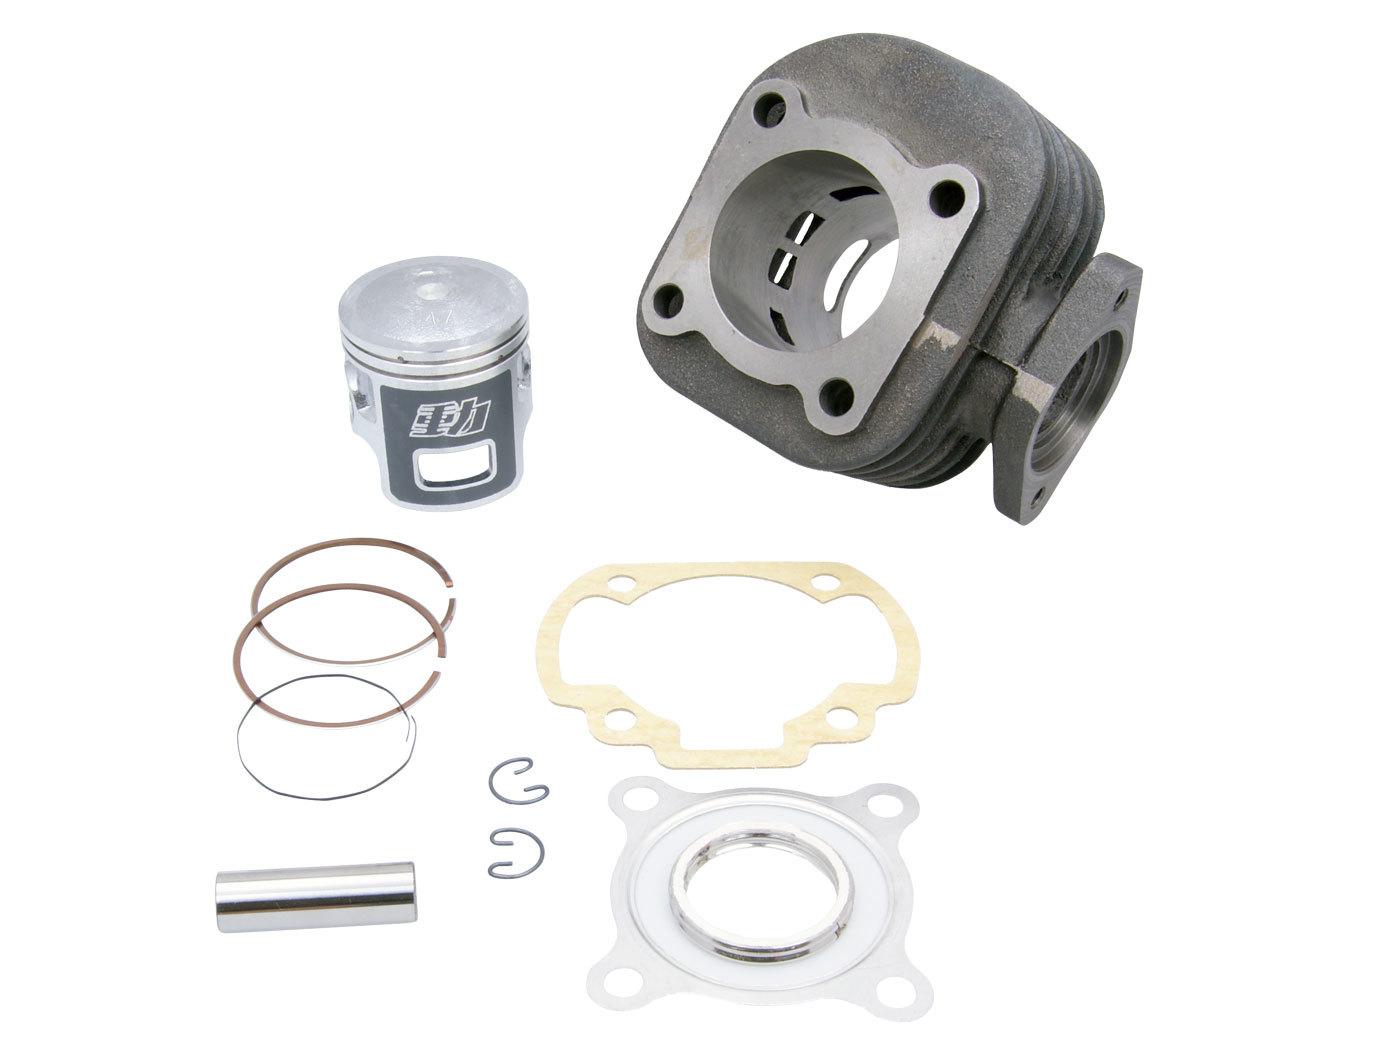 RS E Naraku Choke Agility 50 5mm Kymco pour Carburateur 17 0wvN8Onm